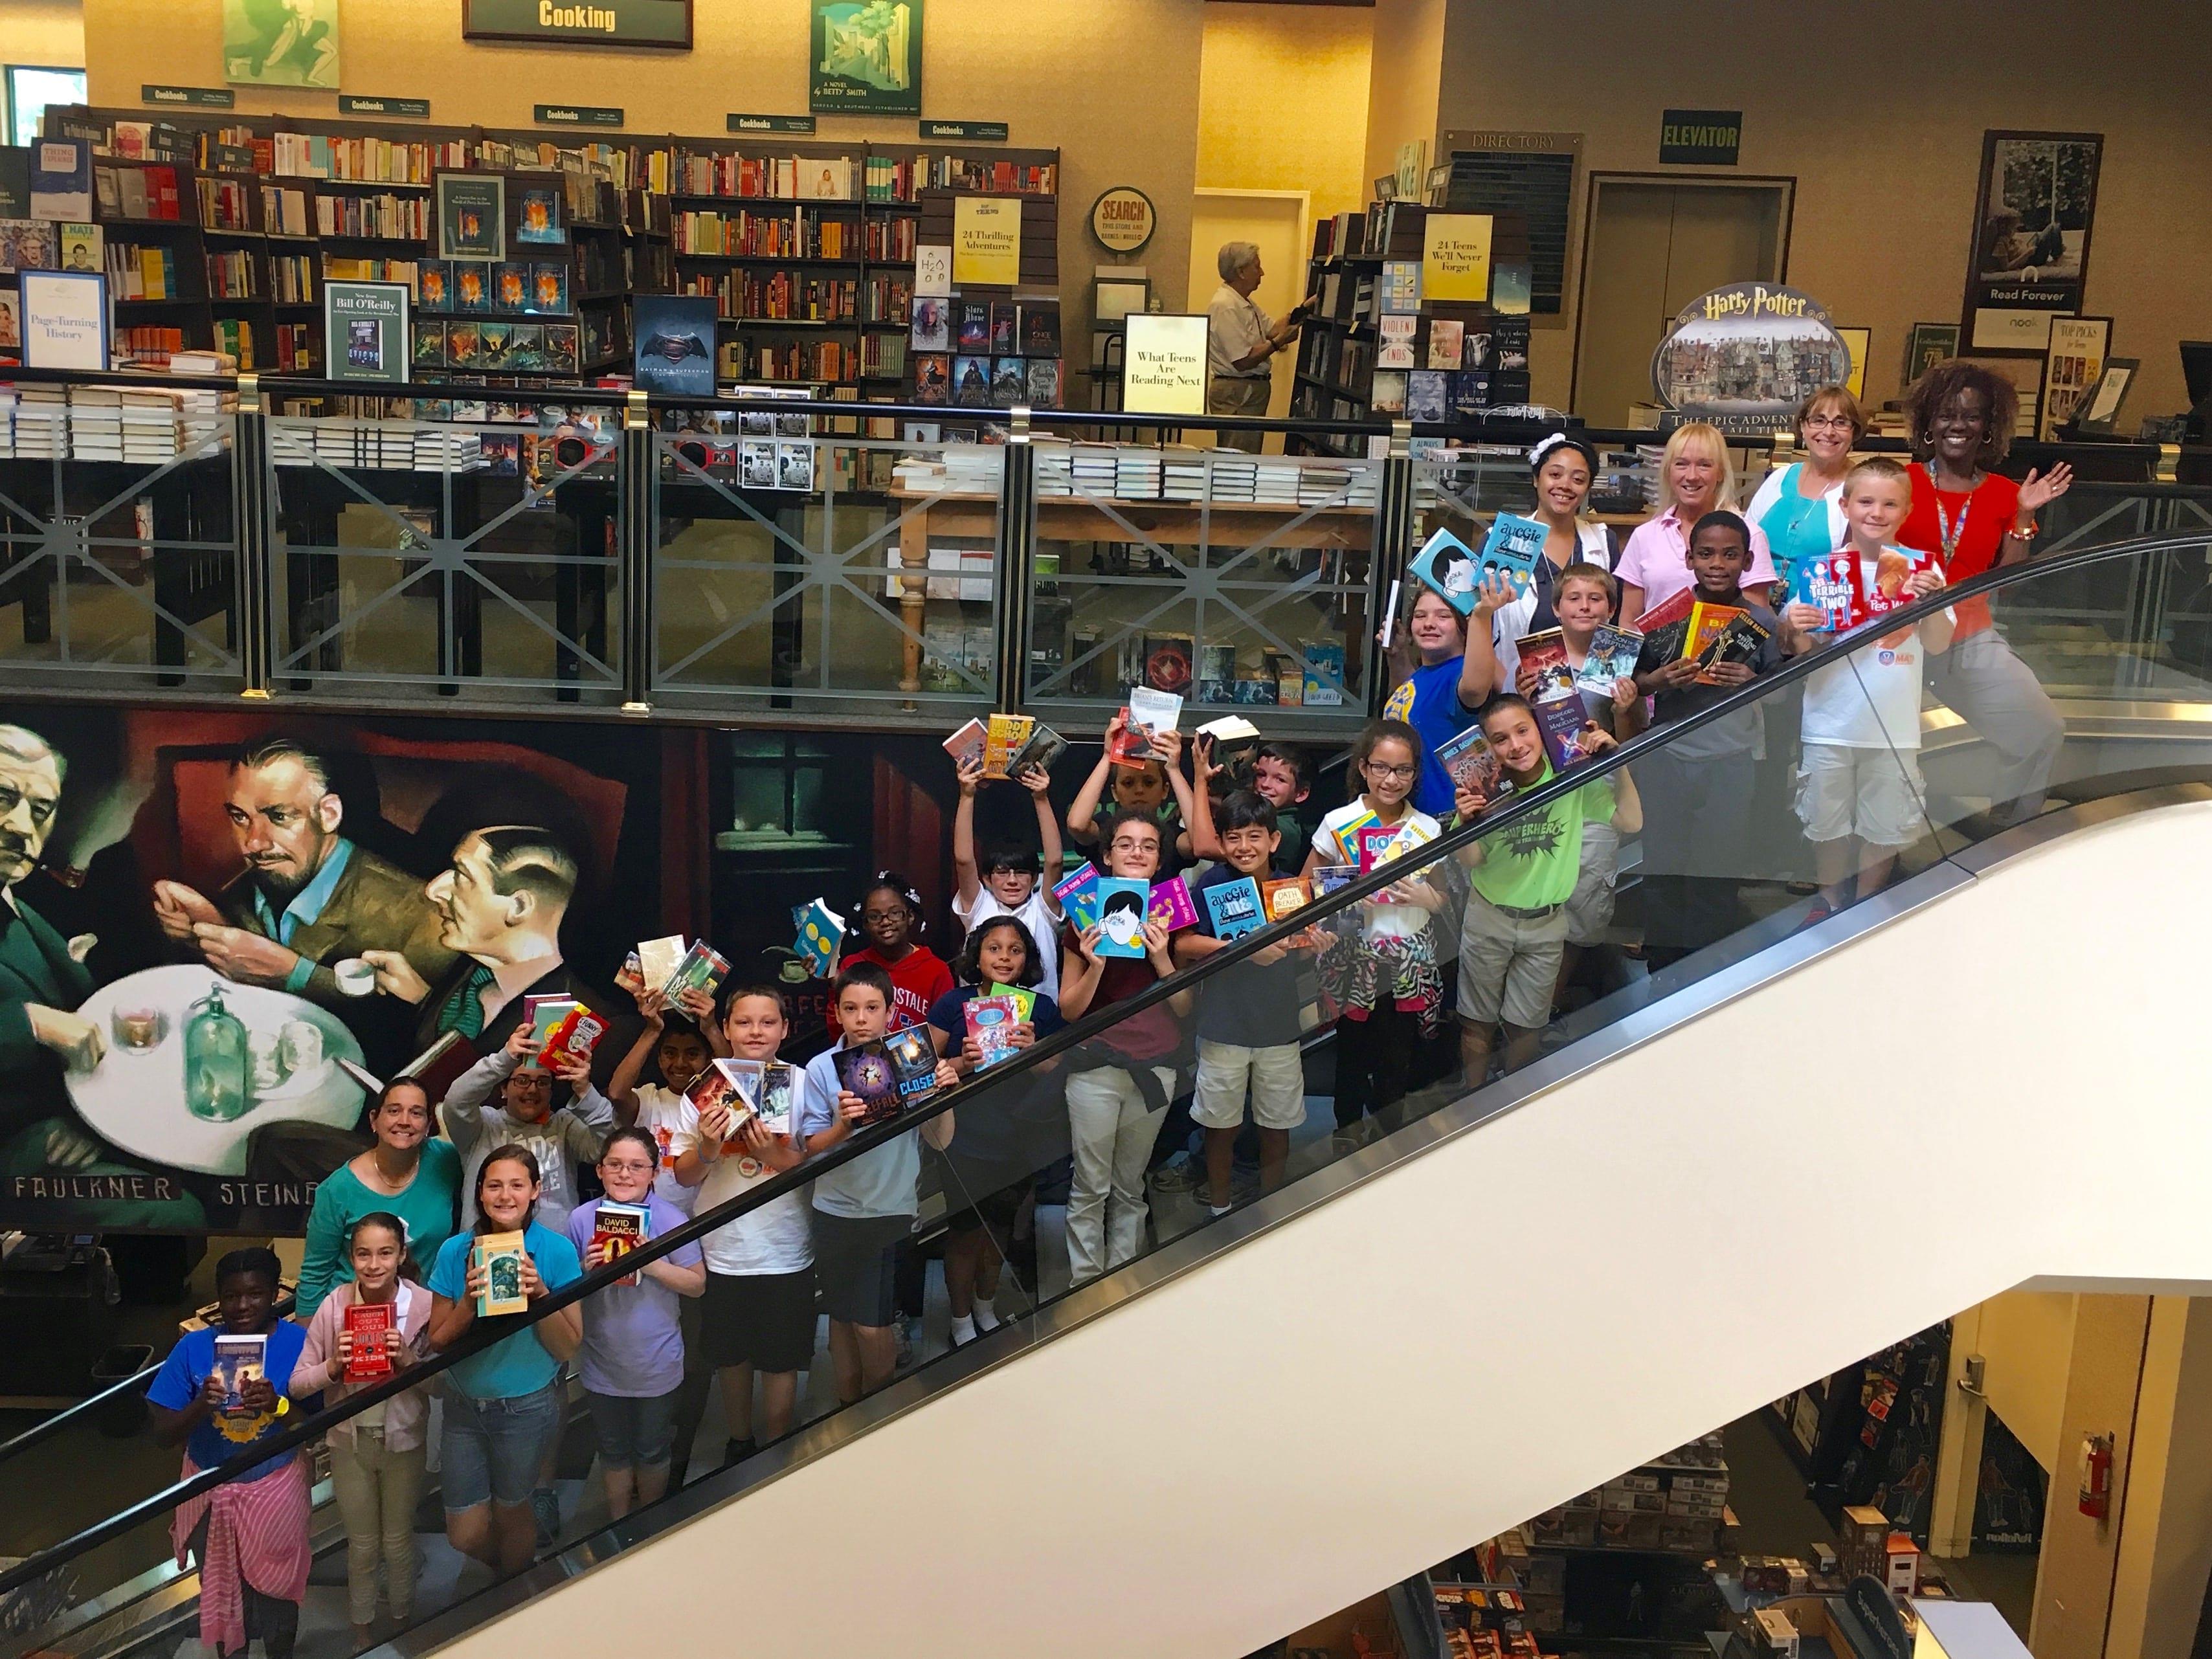 Image Gallery Escalator School